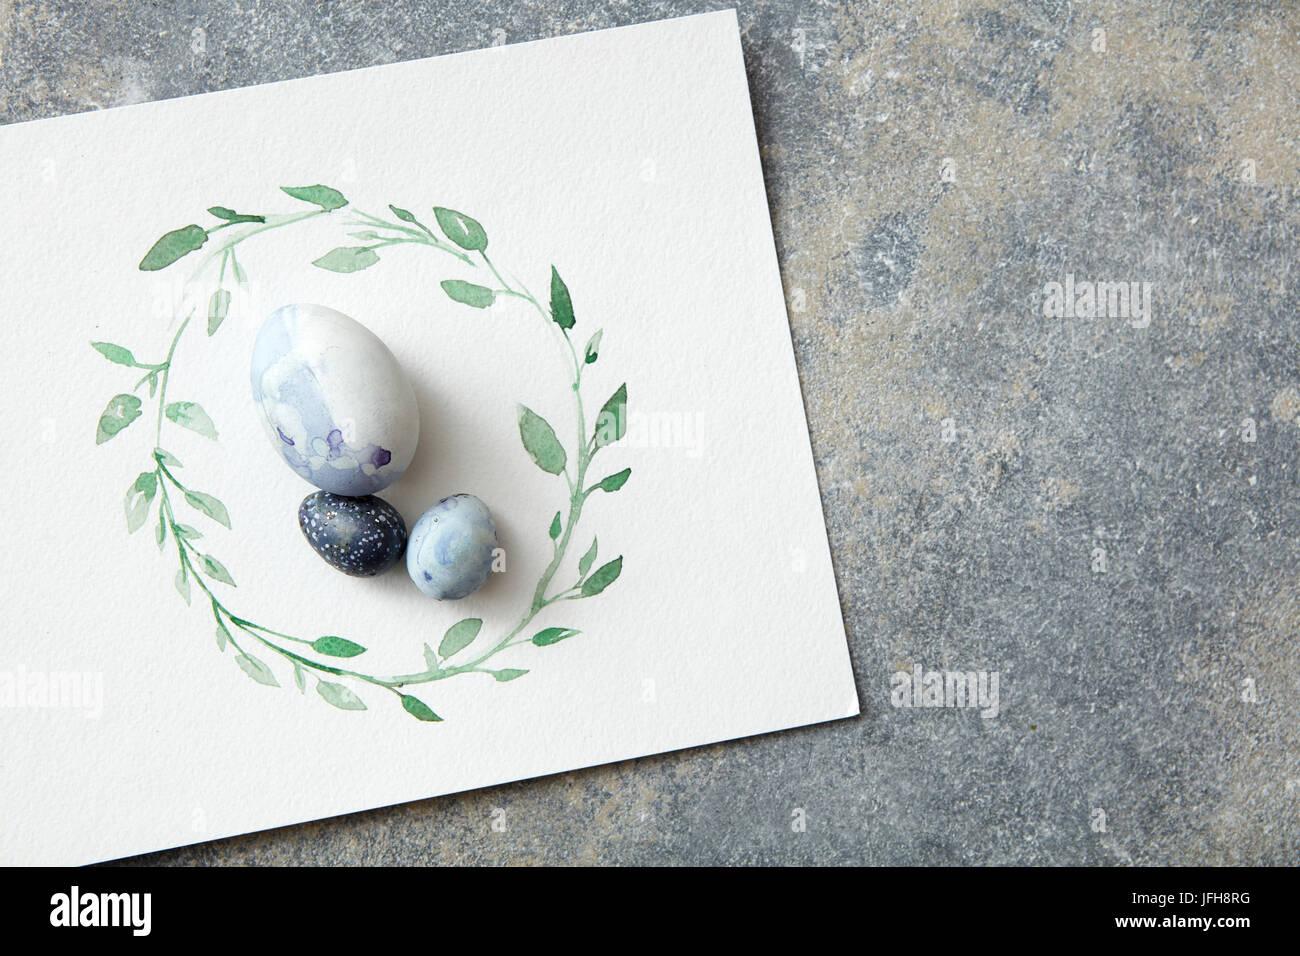 Le uova di pasqua con disegnati a mano lascia sulla carta Immagini Stock